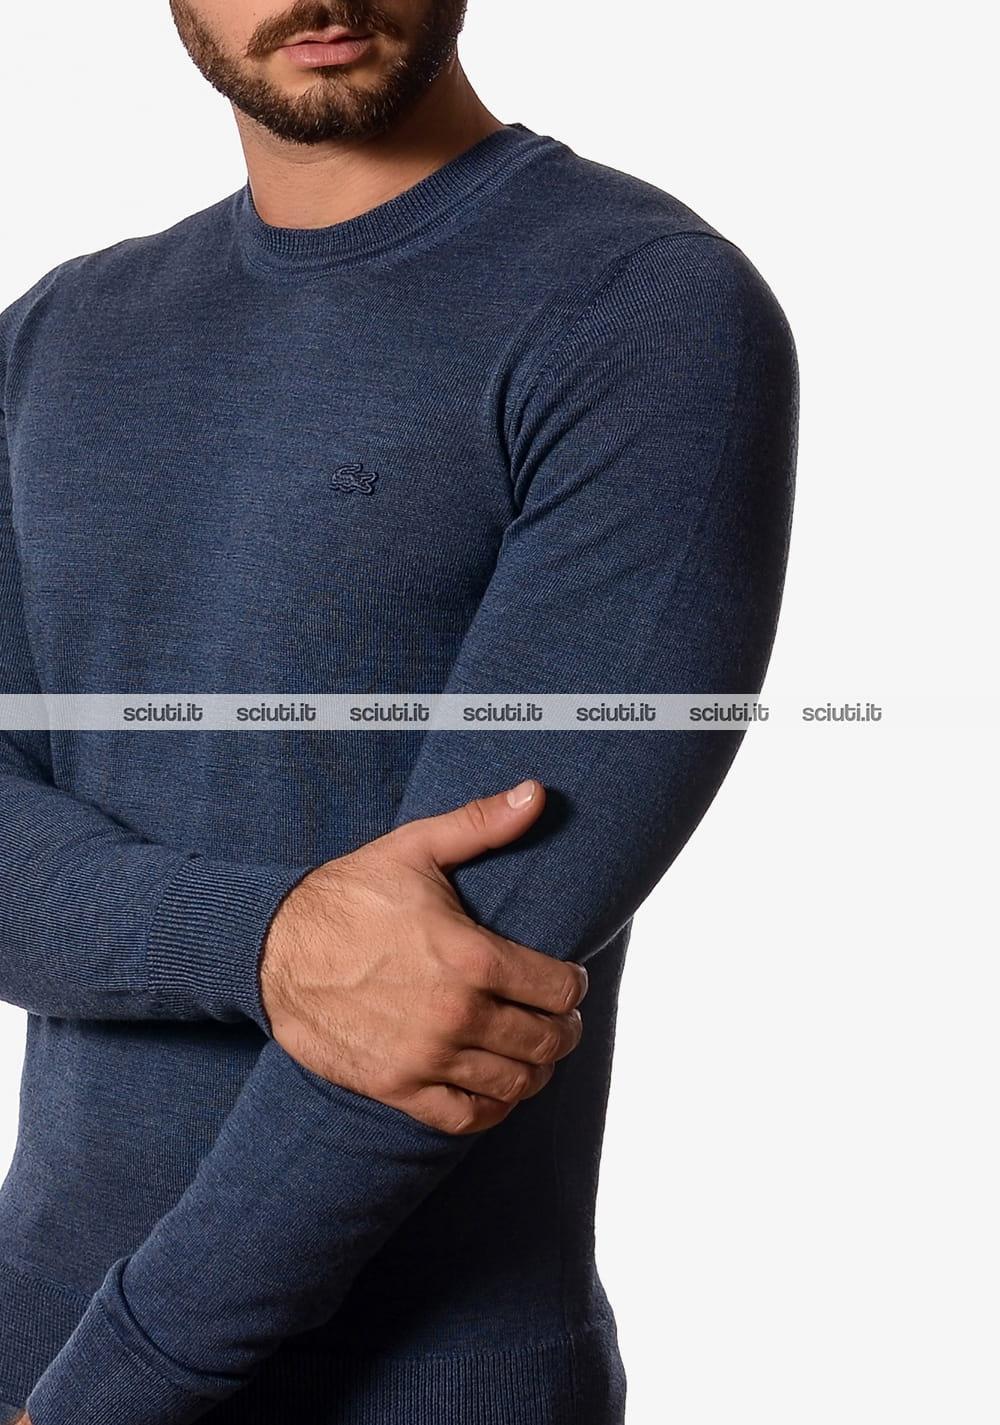 c144b68f61 Maglia girocollo Lacoste uomo in jersey di lana avion tinta unita ...